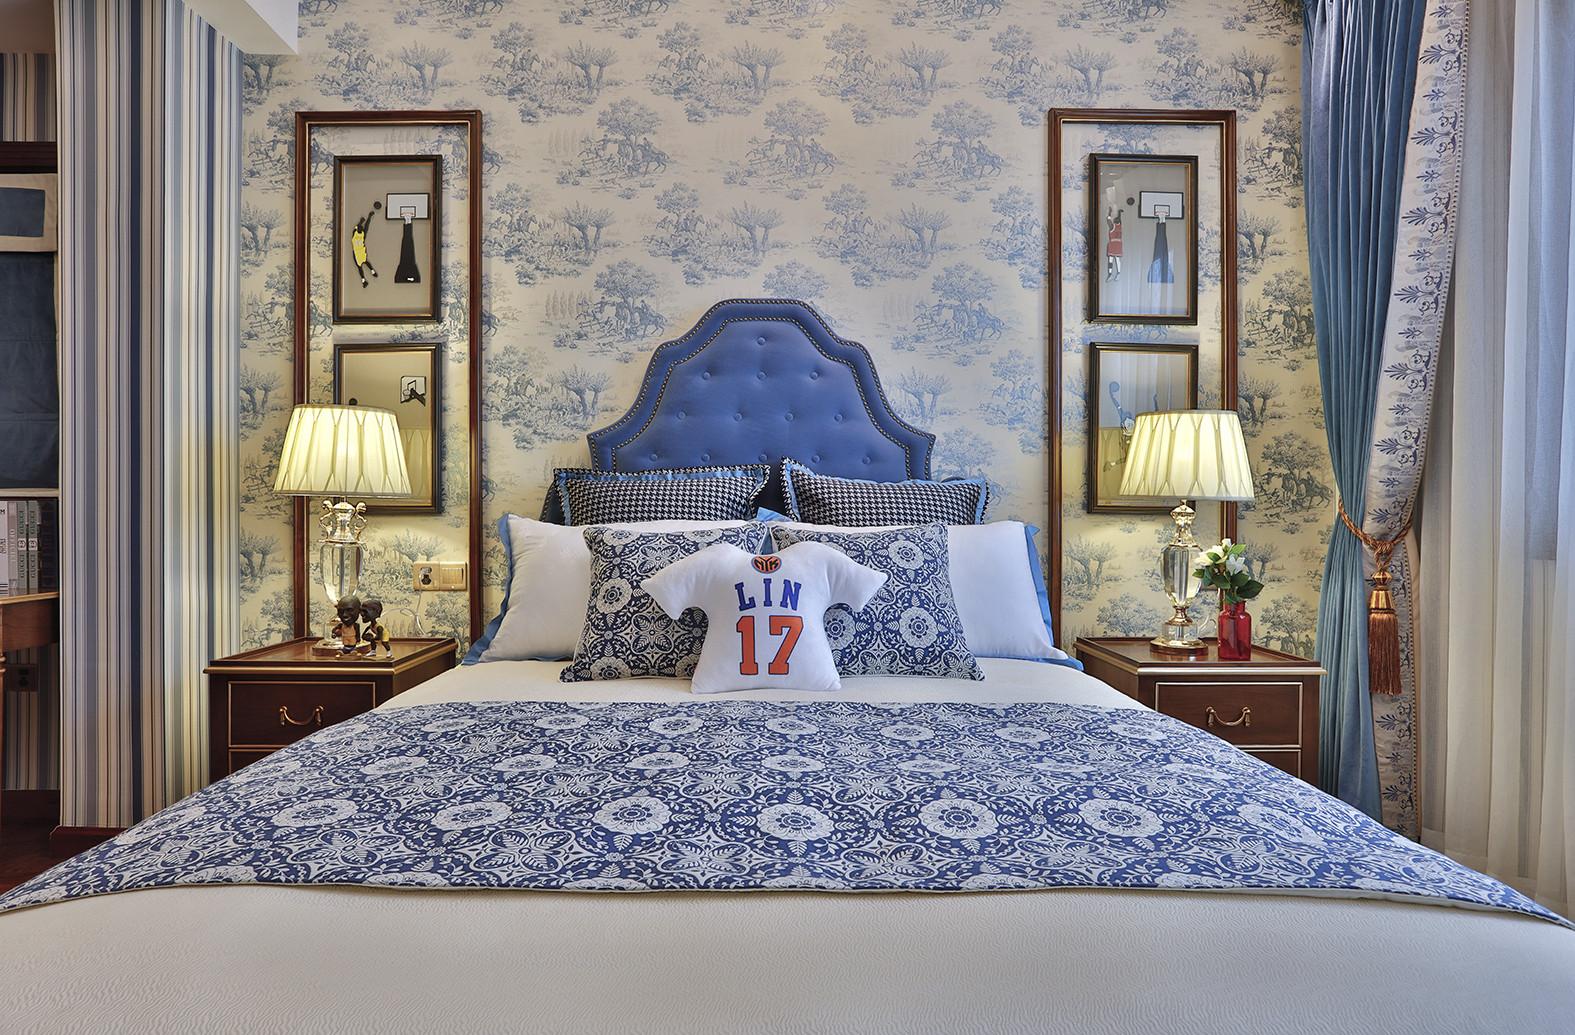 古典美式复式装修床上用品图片